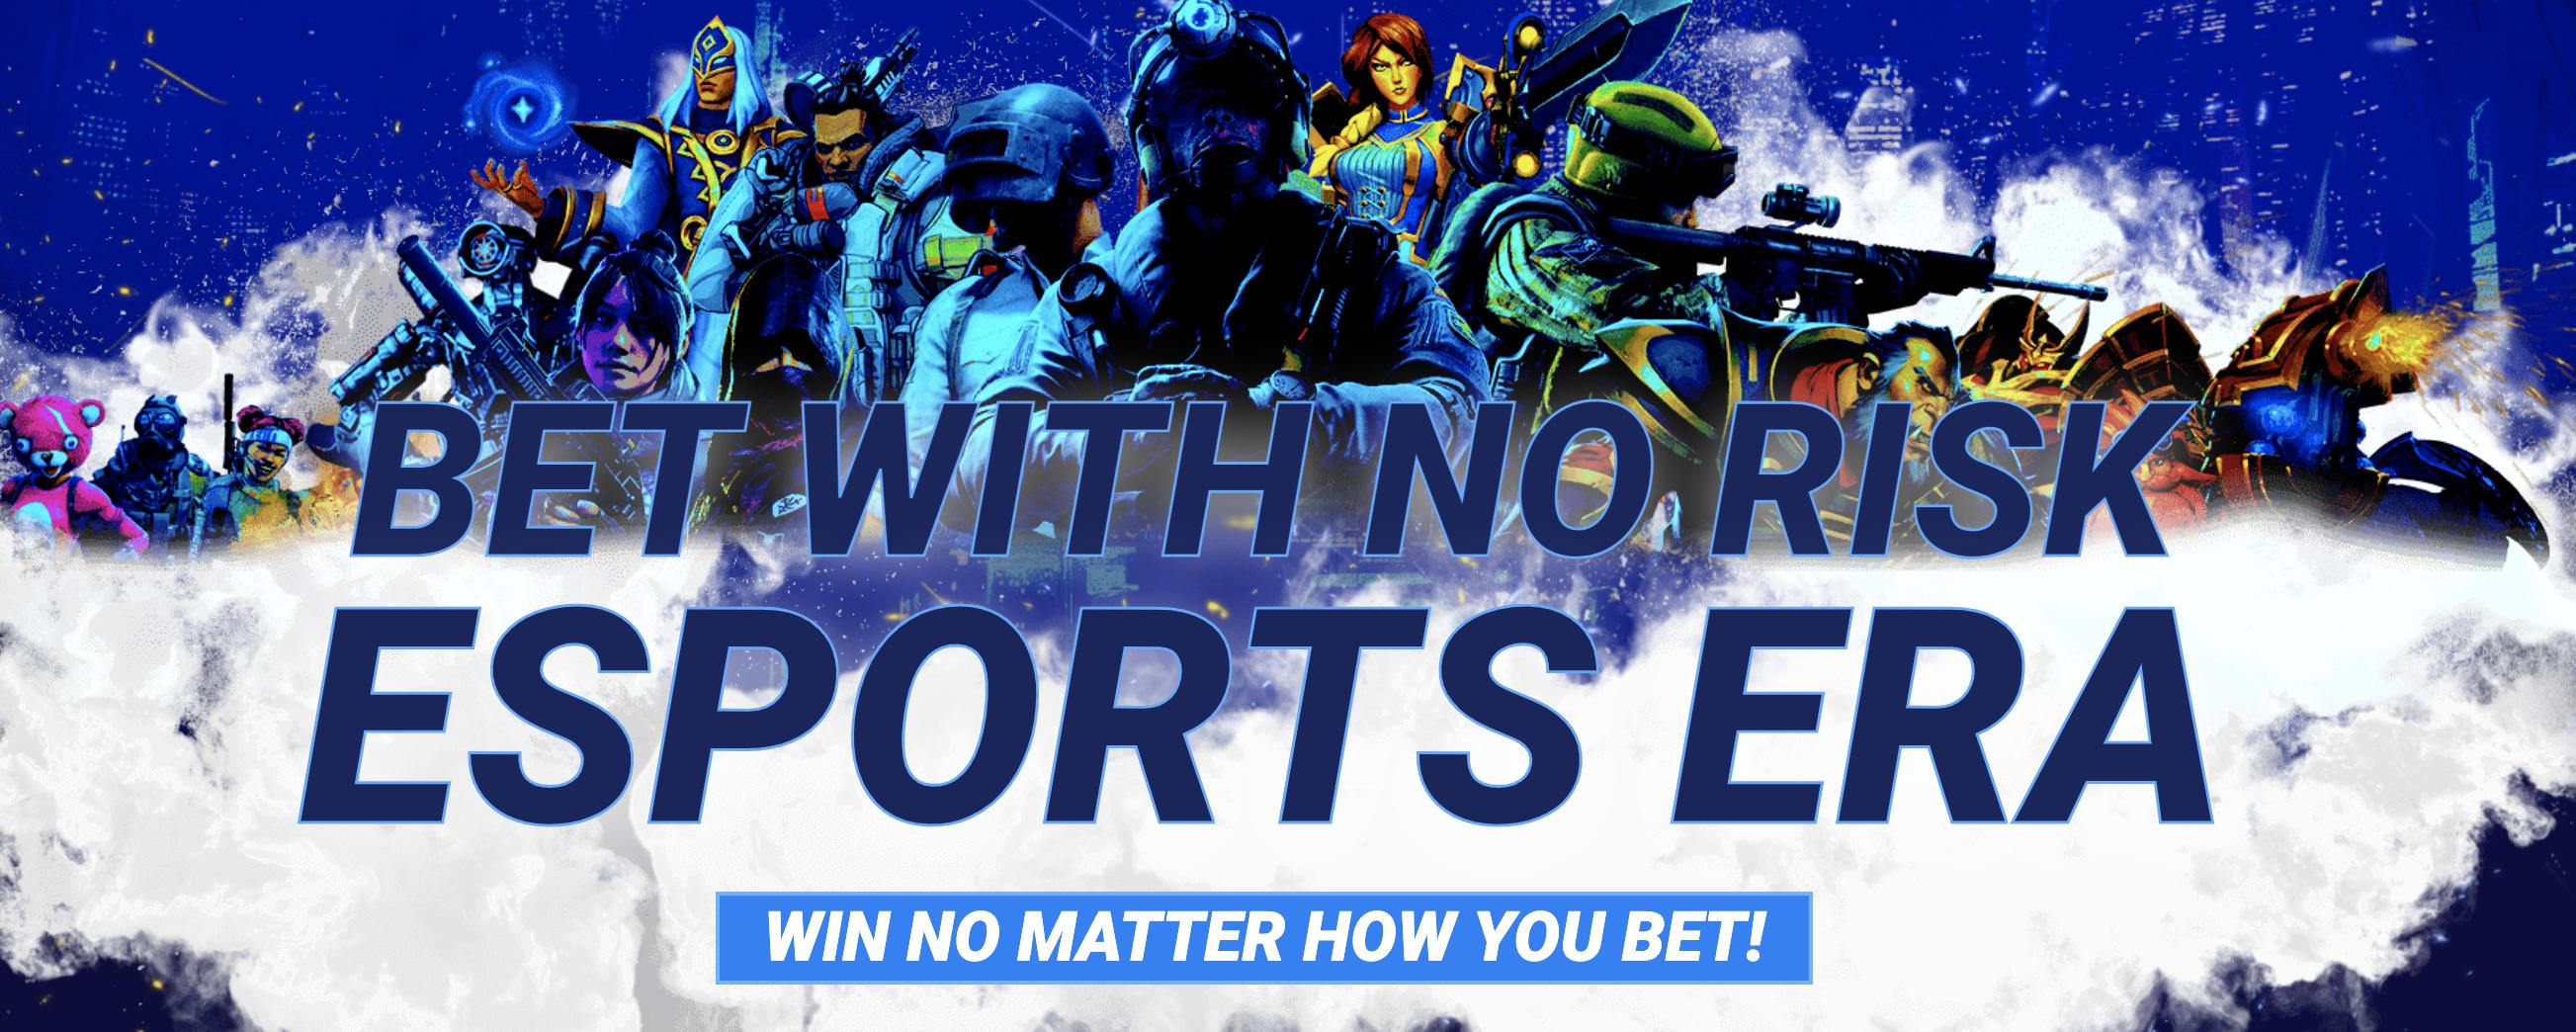 """Bet with no risk on 1xBet with """"Bet with No Risk Esports ERA"""""""